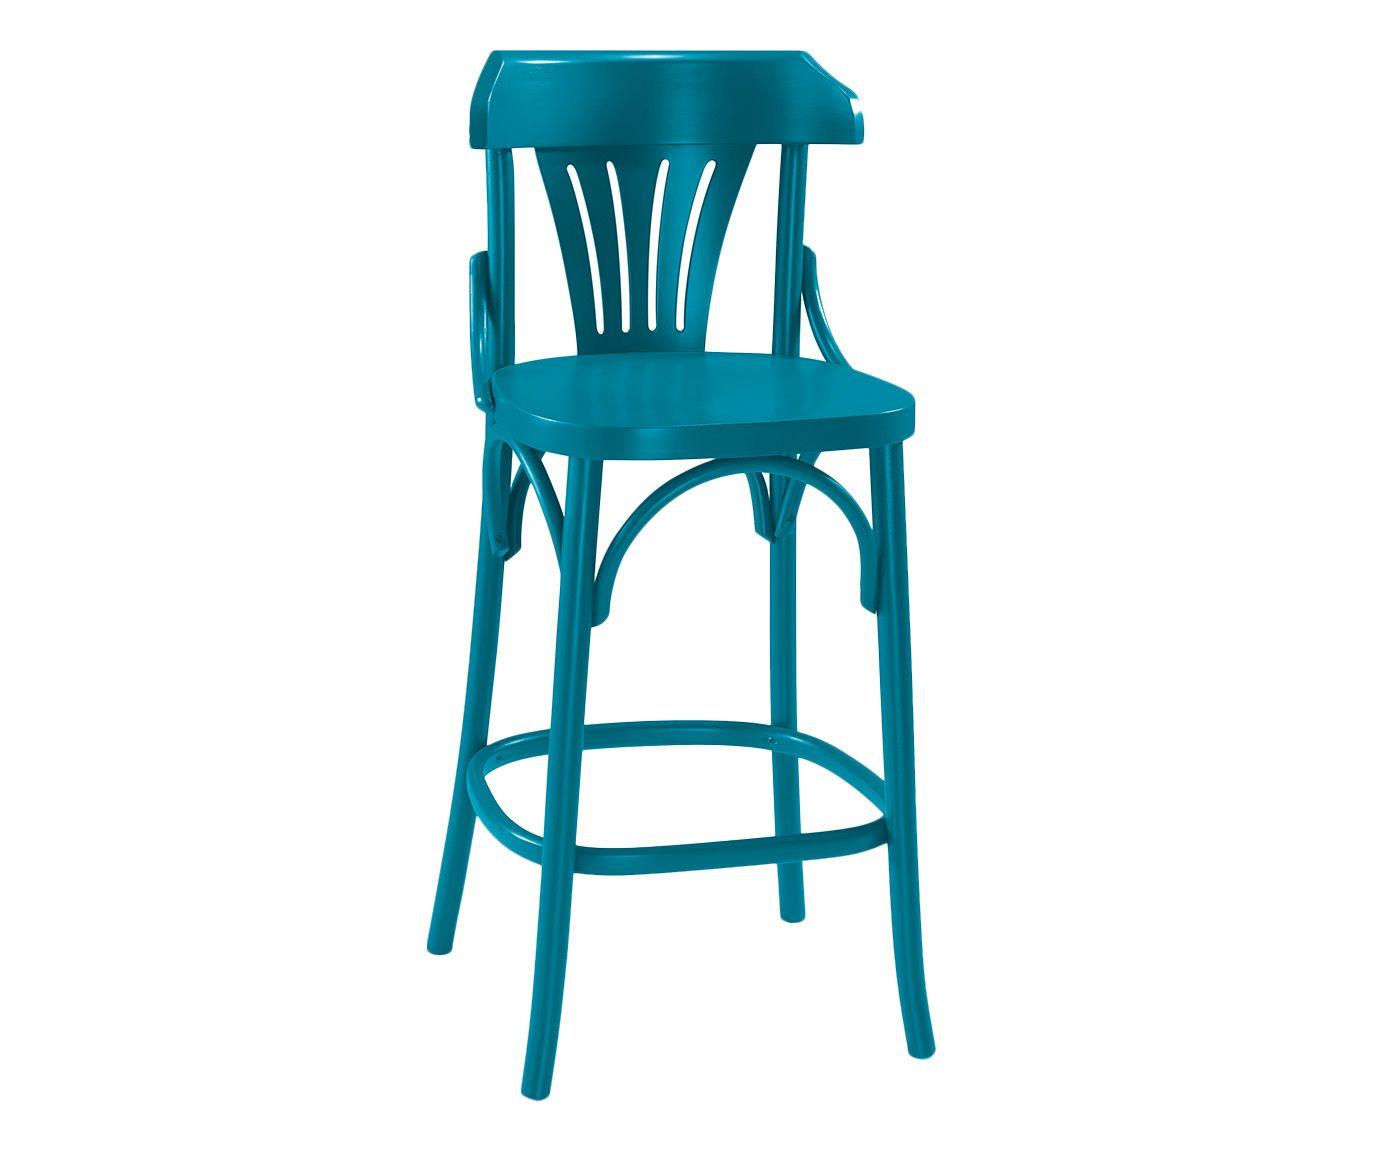 Banqueta Opzione - Azul Claro   Westwing.com.br